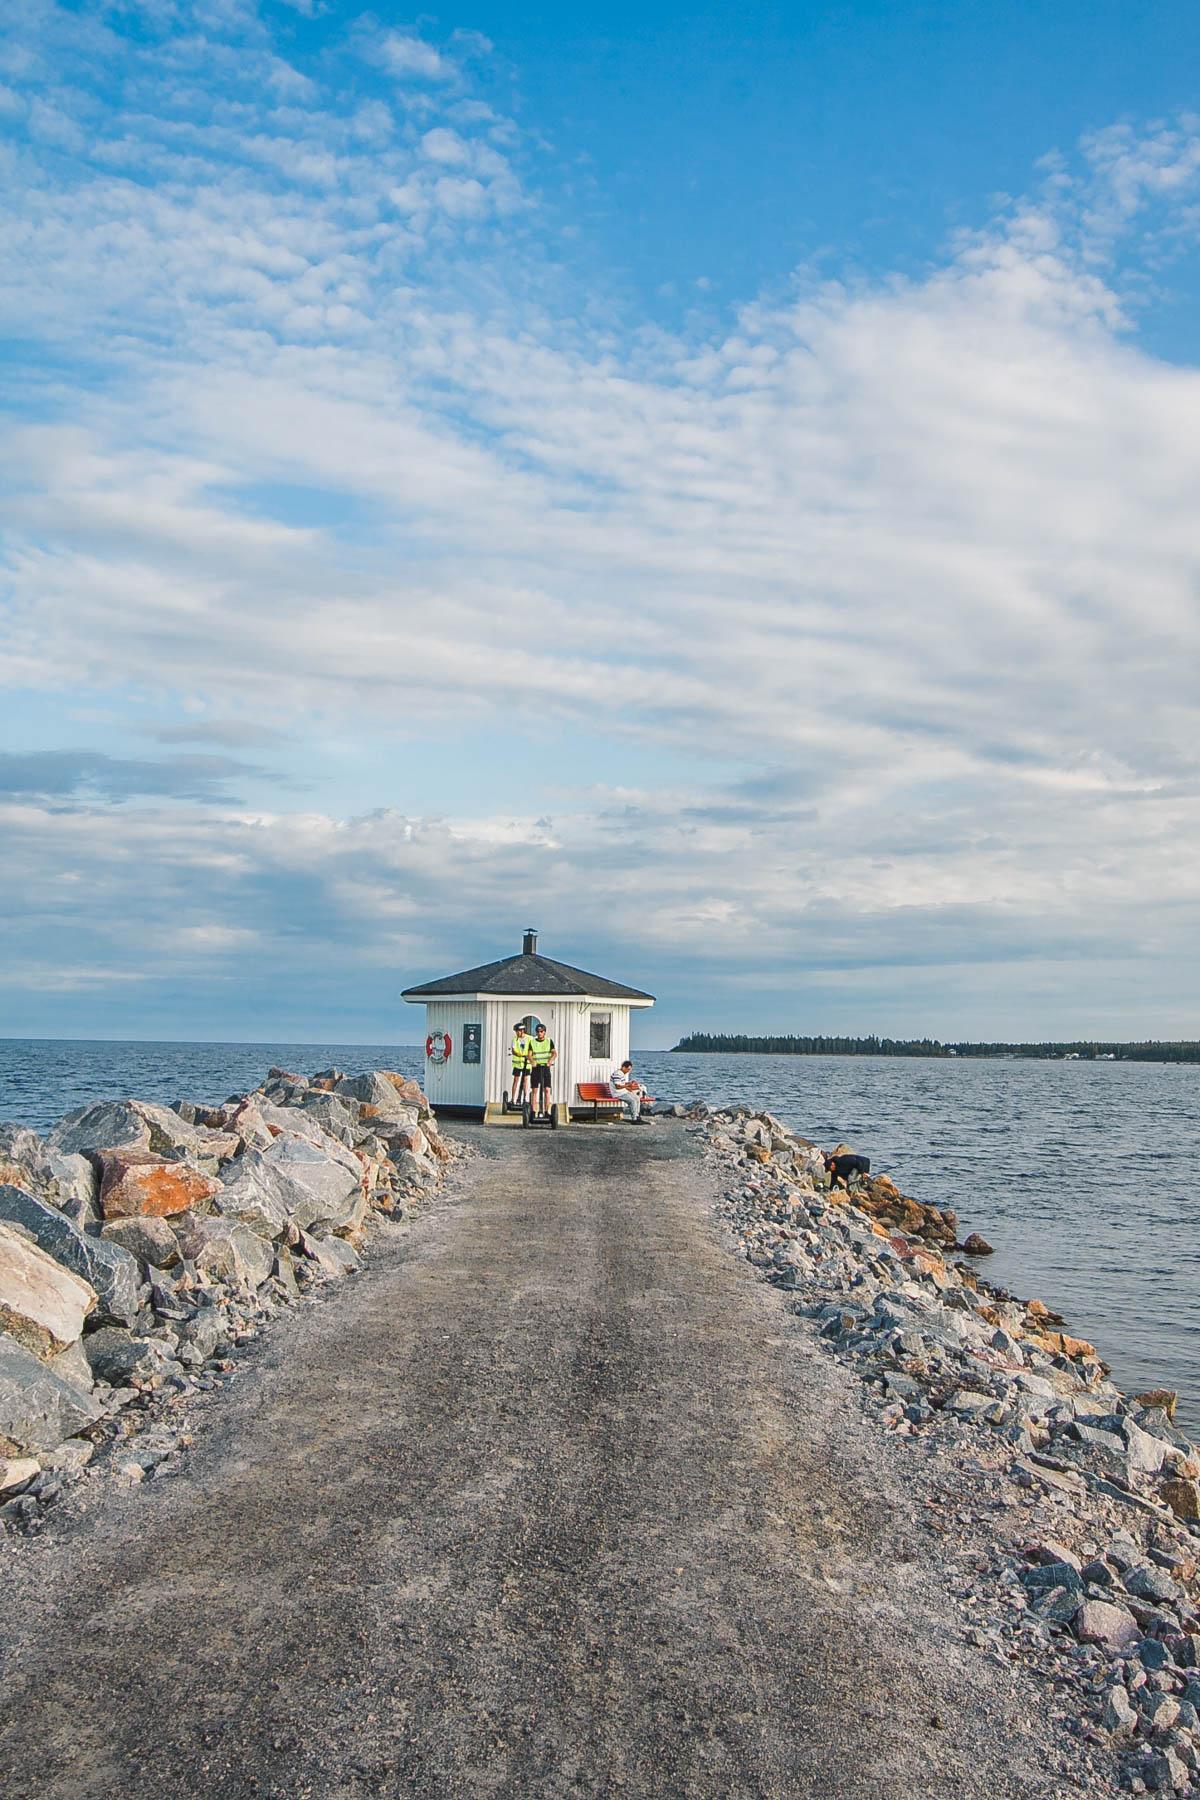 atrakcje w szwecji morze i plaża